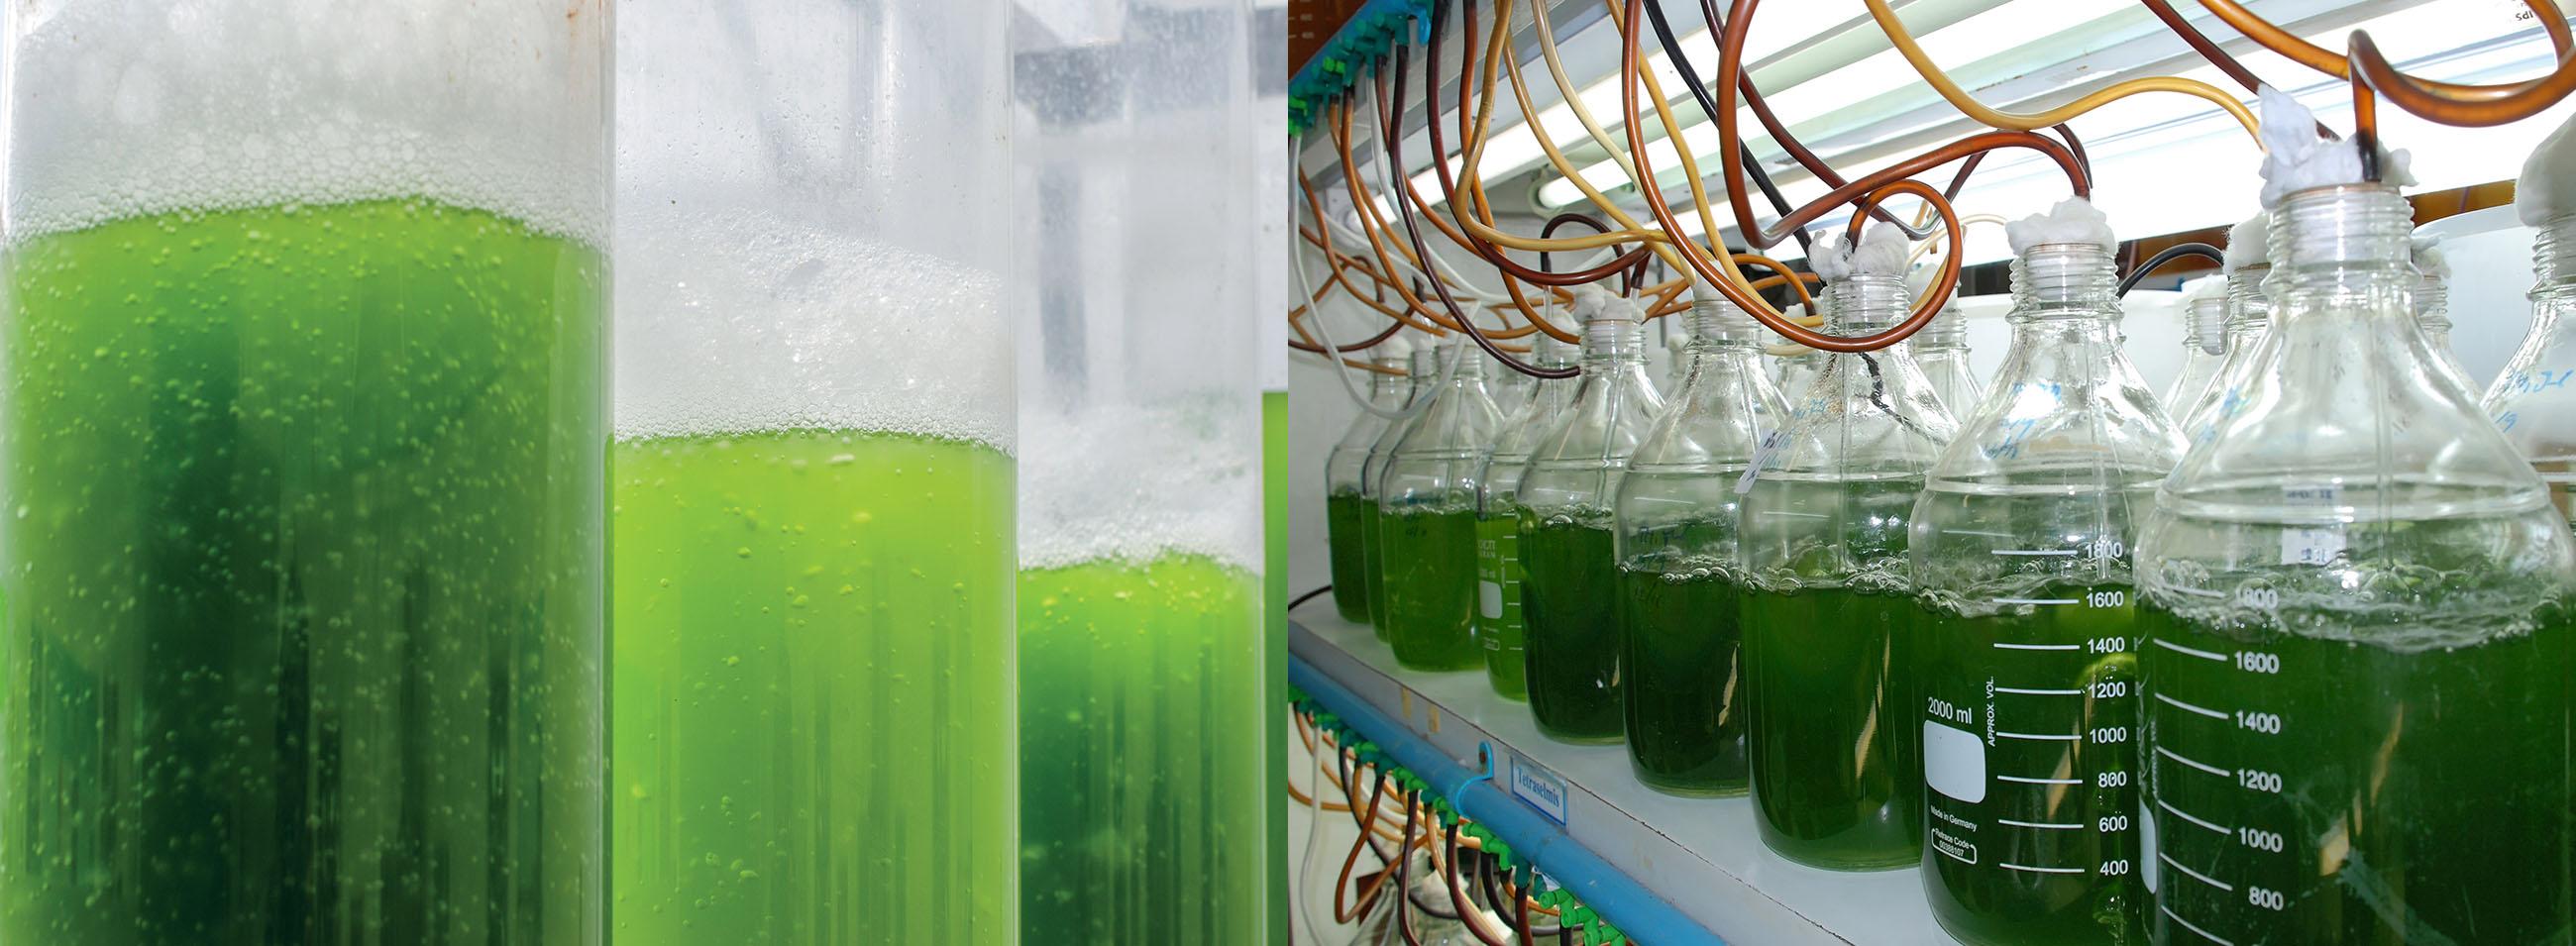 lavorazione-alghe-collage